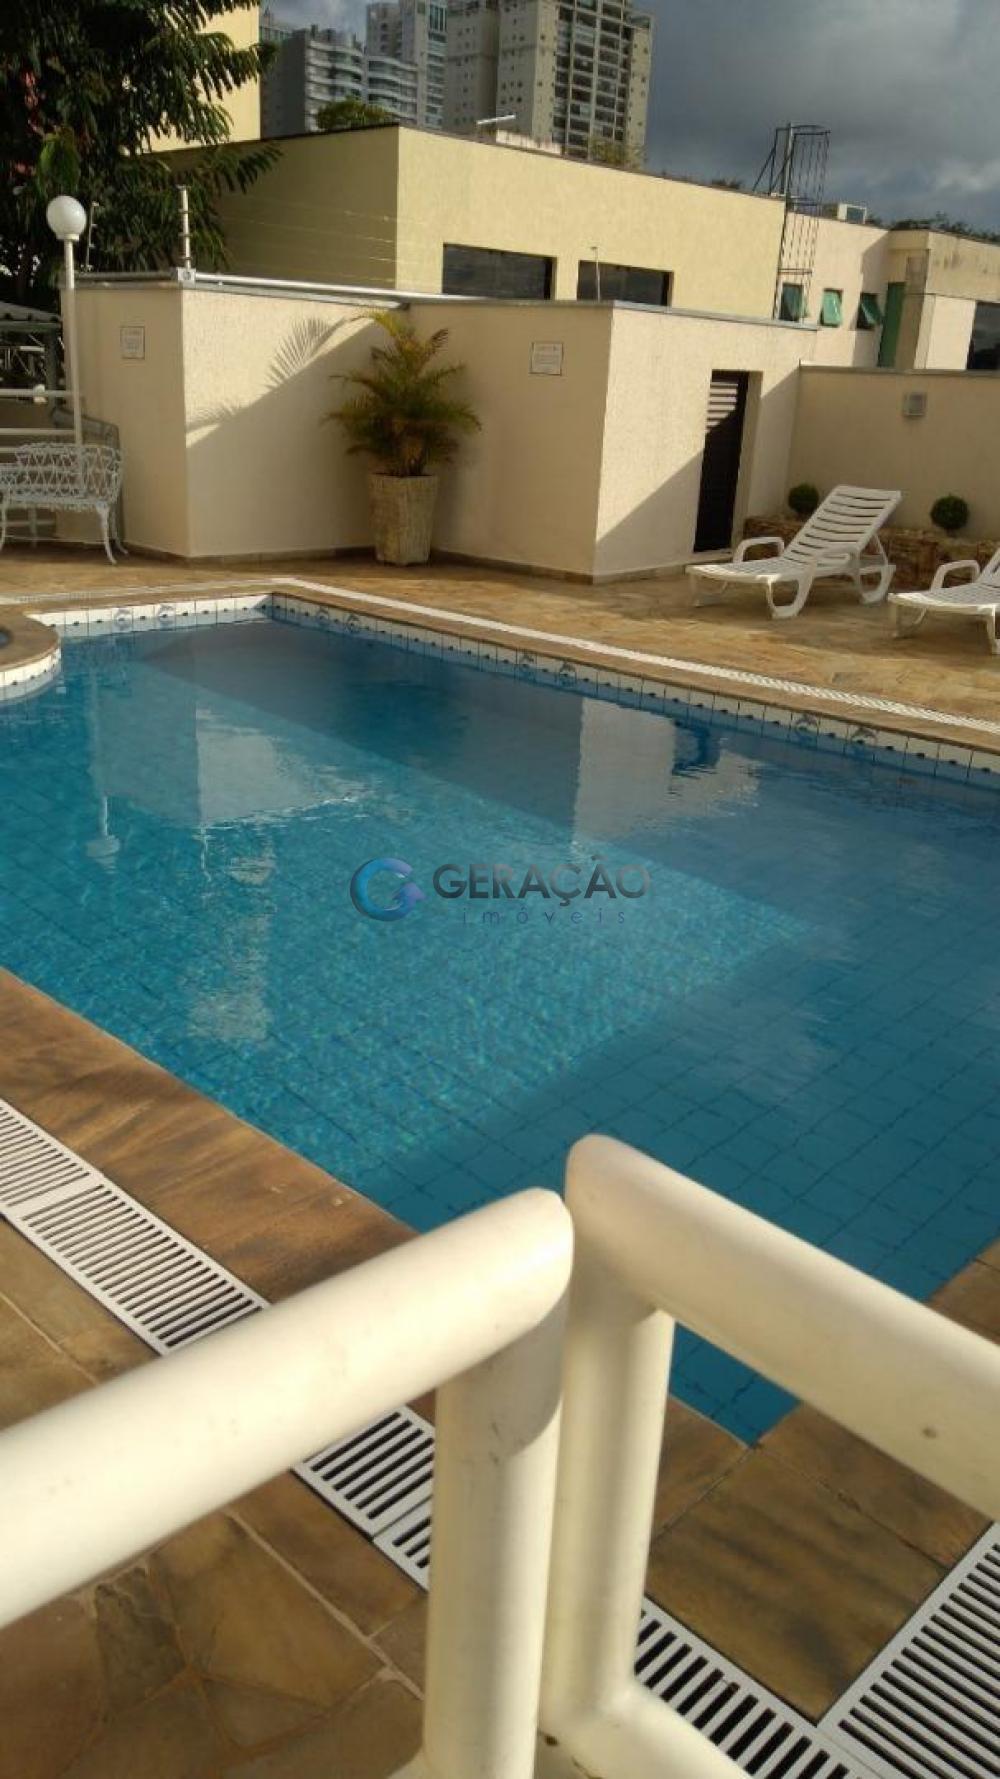 Alugar Apartamento / Padrão em São José dos Campos apenas R$ 1.800,00 - Foto 40